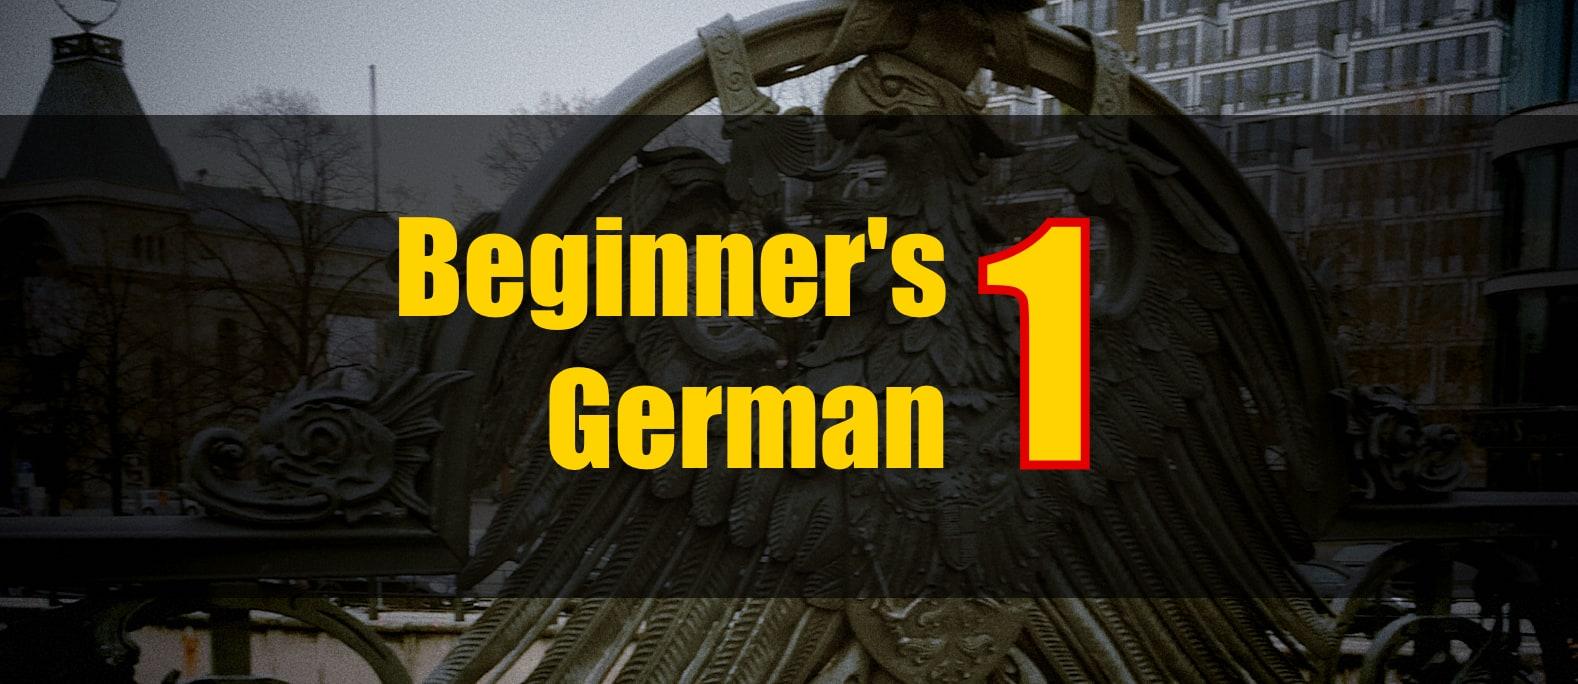 Beginner's German 1